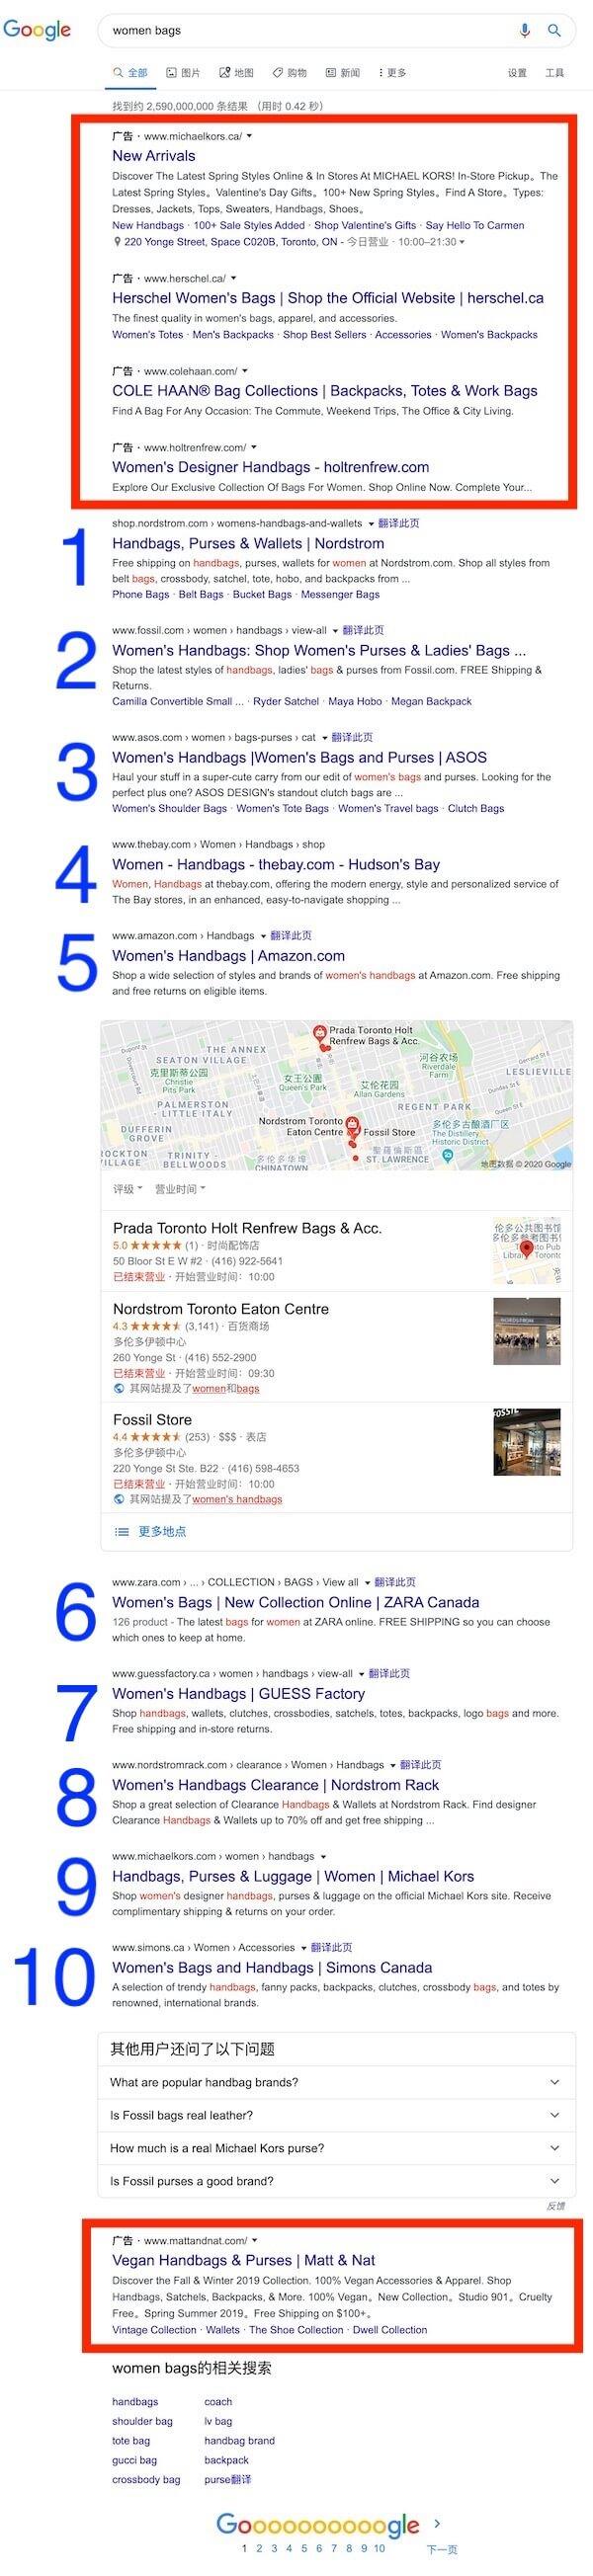 谷歌搜索结果页面